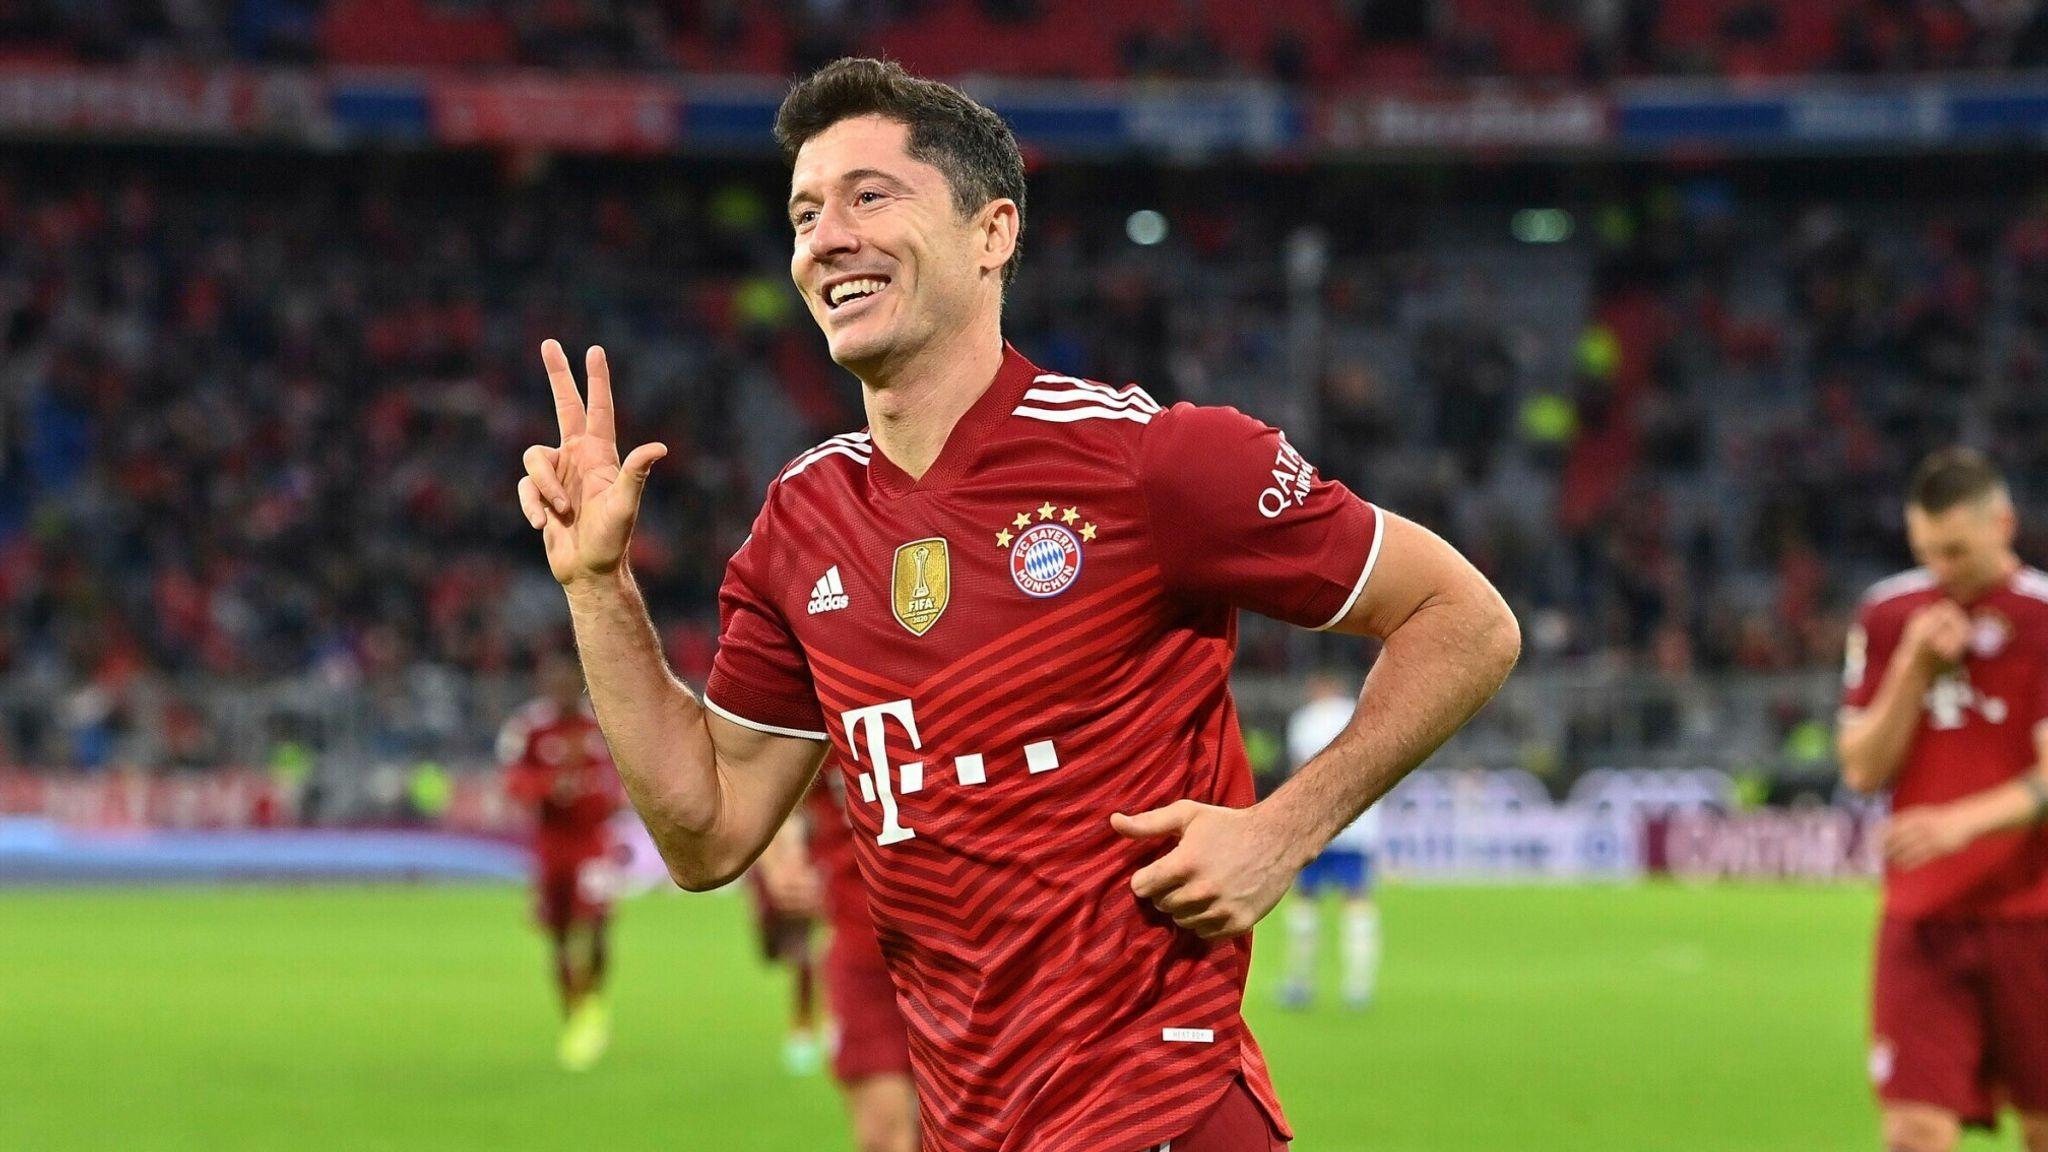 Robert Lewandowski: Bayern Munich striker collects European Golden Shoe | Football News | Sky Sports